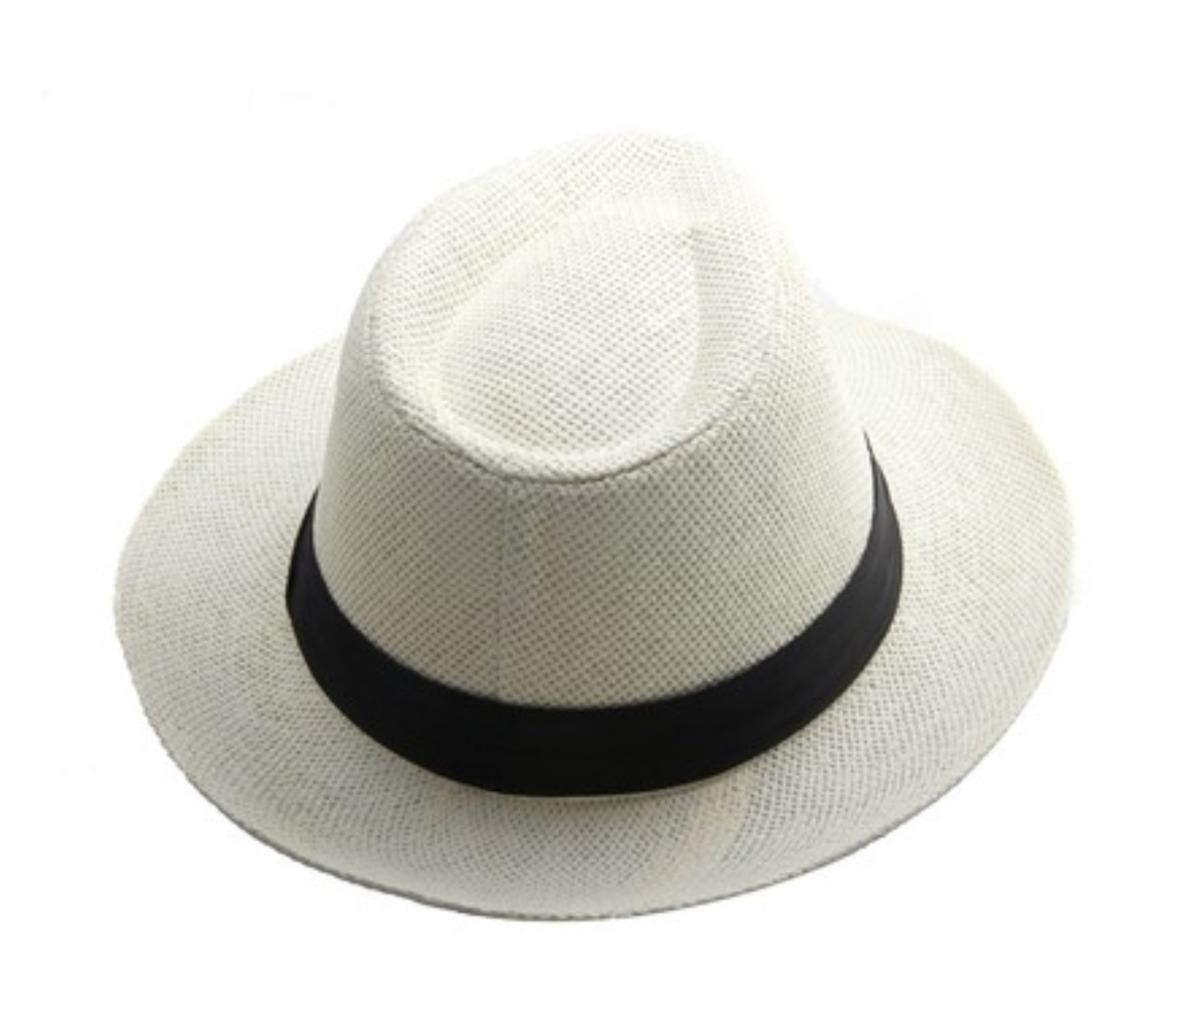 dc215b506c798 15 sombreros panama en color blanco y marron - mercadolider. Cargando zoom.